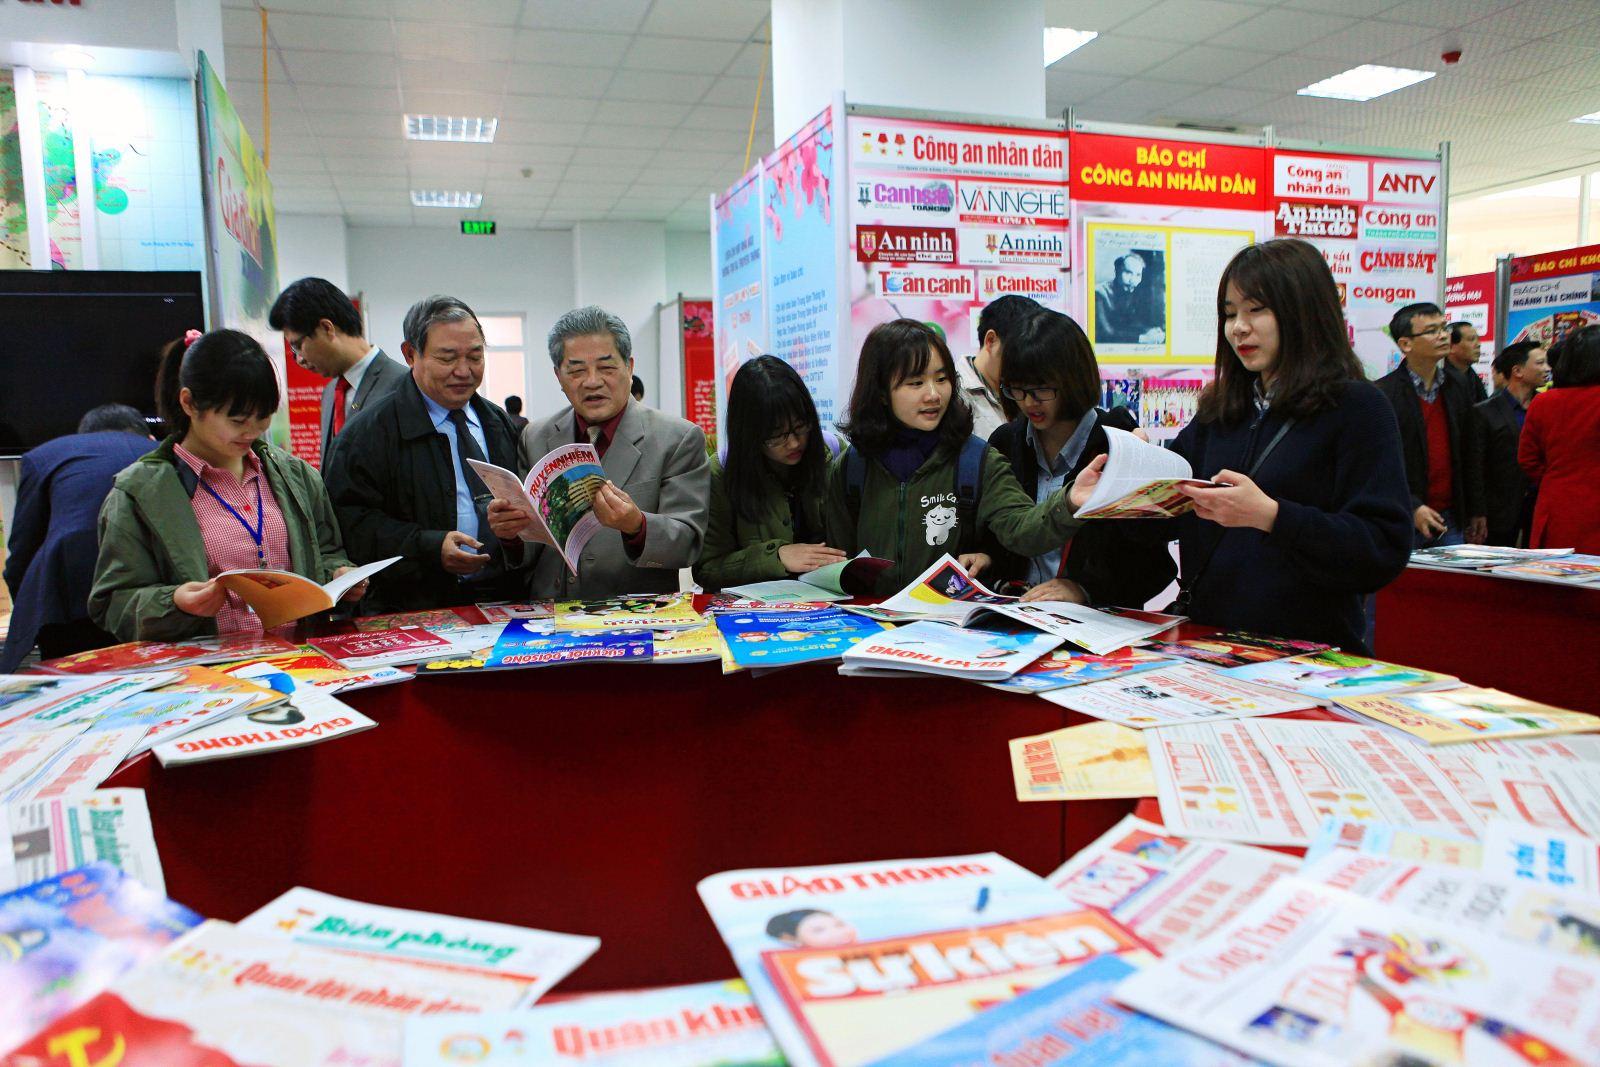 La fête nationale de la presse s'ouvrira le 17 mars à Hanoi